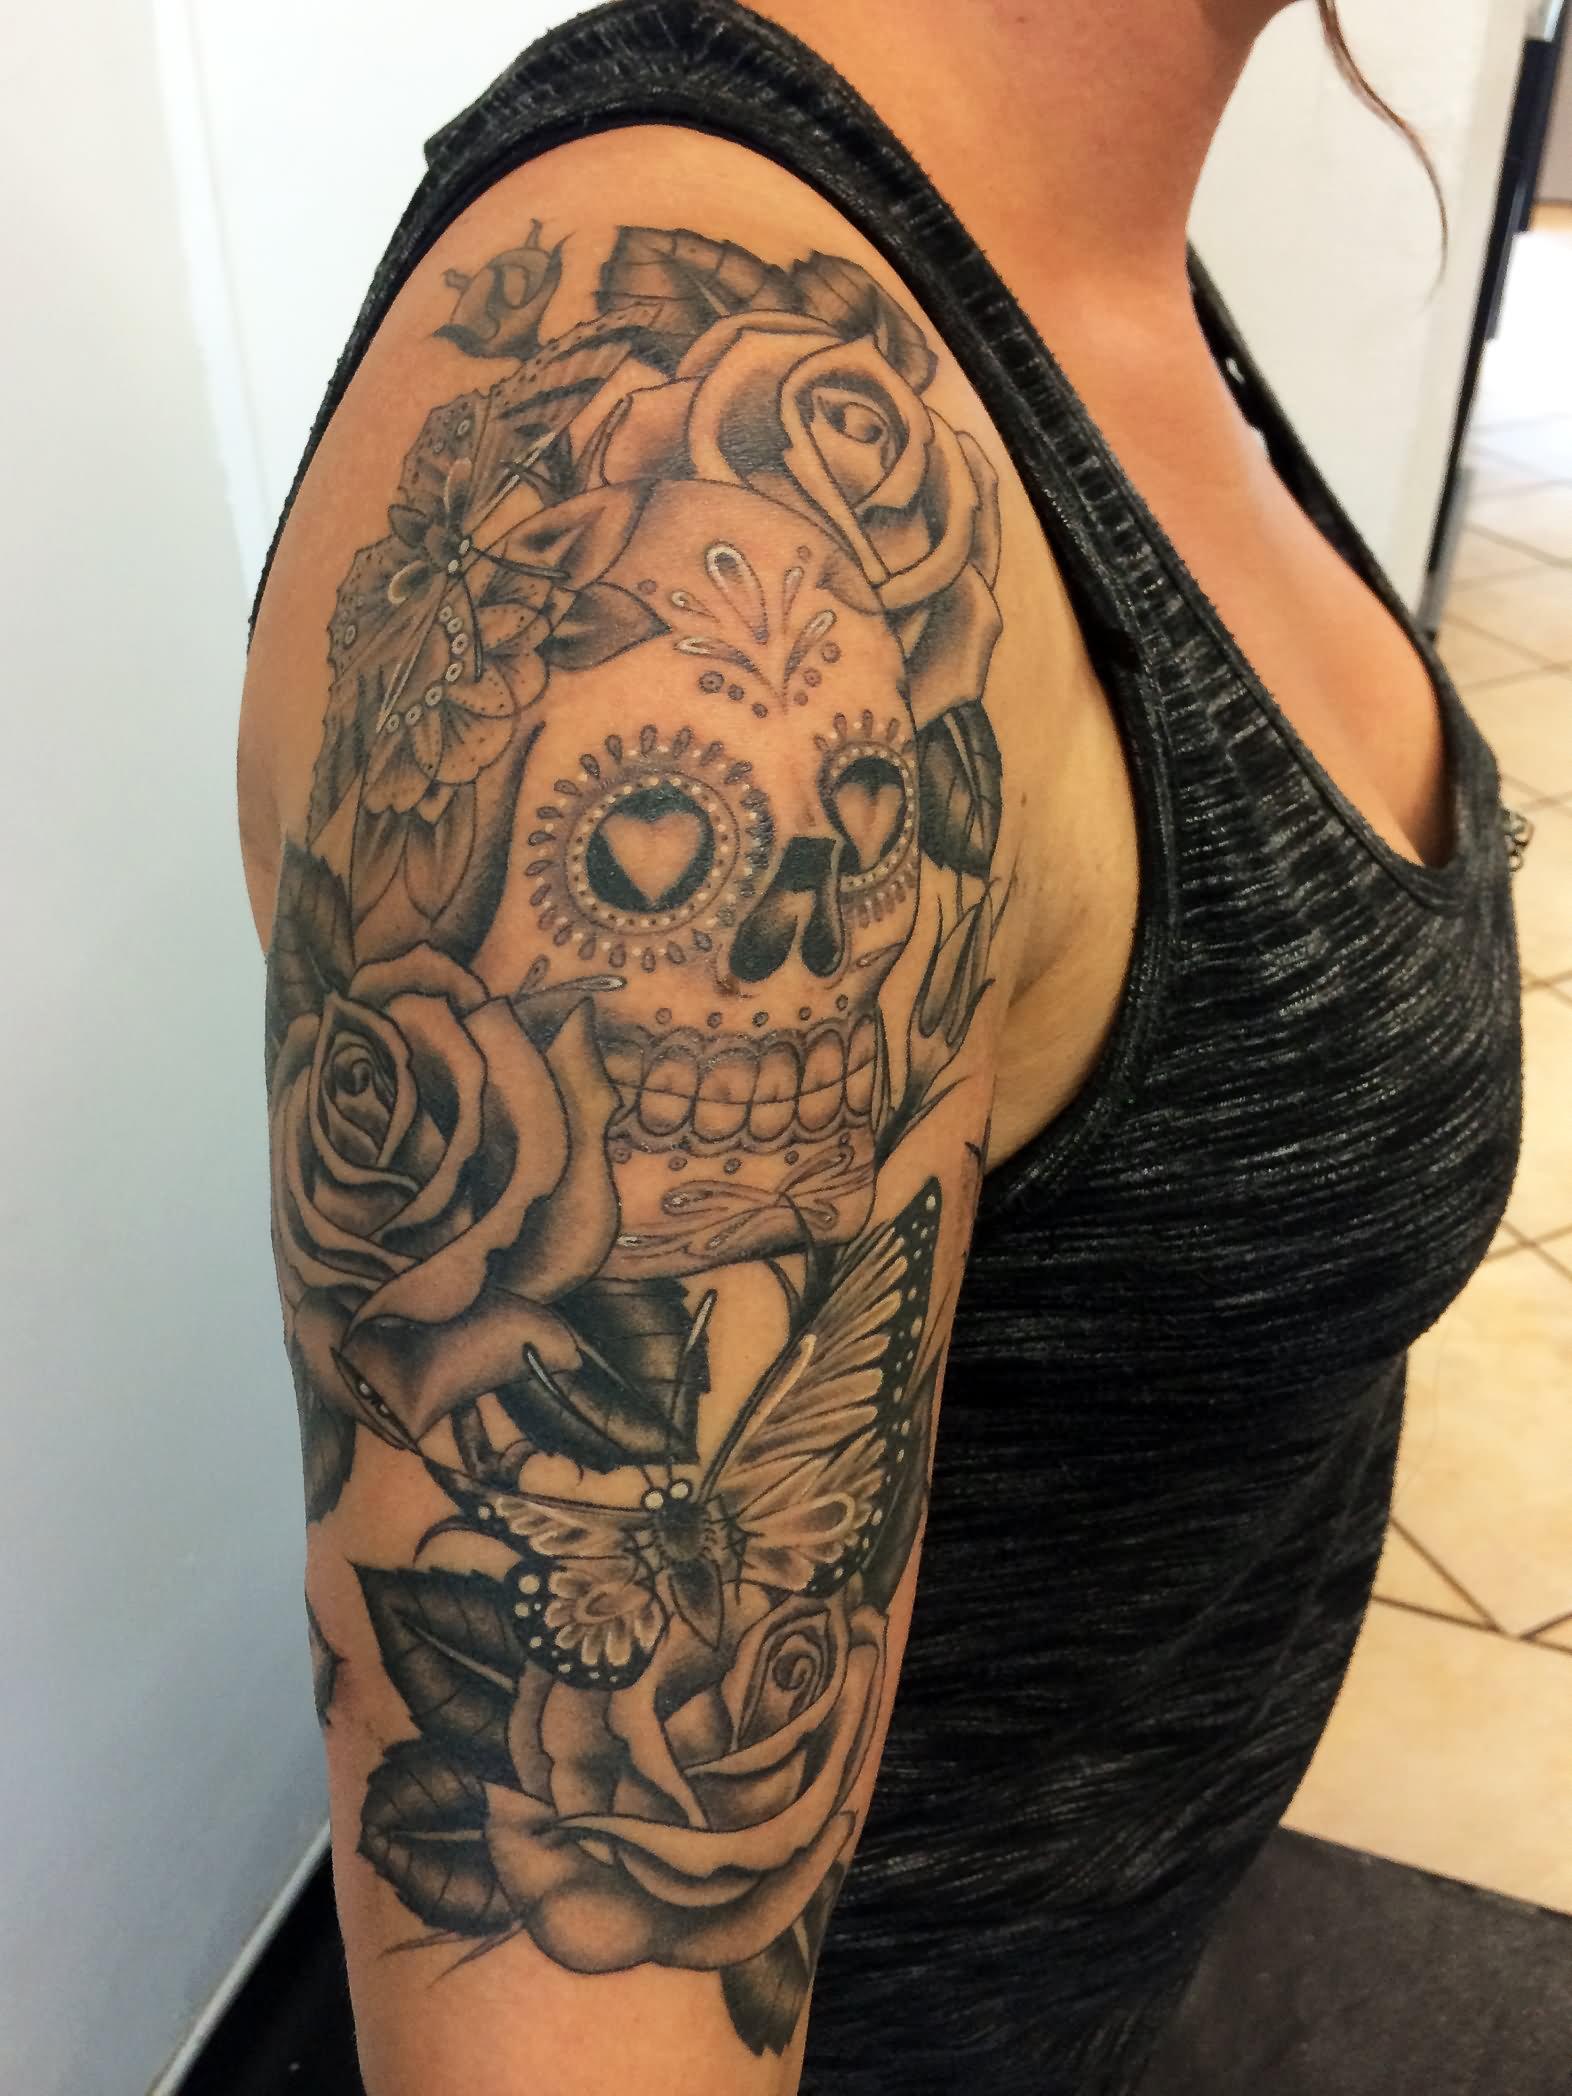 30 incredible dia de los muertos tattoos on half sleeve. Black Bedroom Furniture Sets. Home Design Ideas